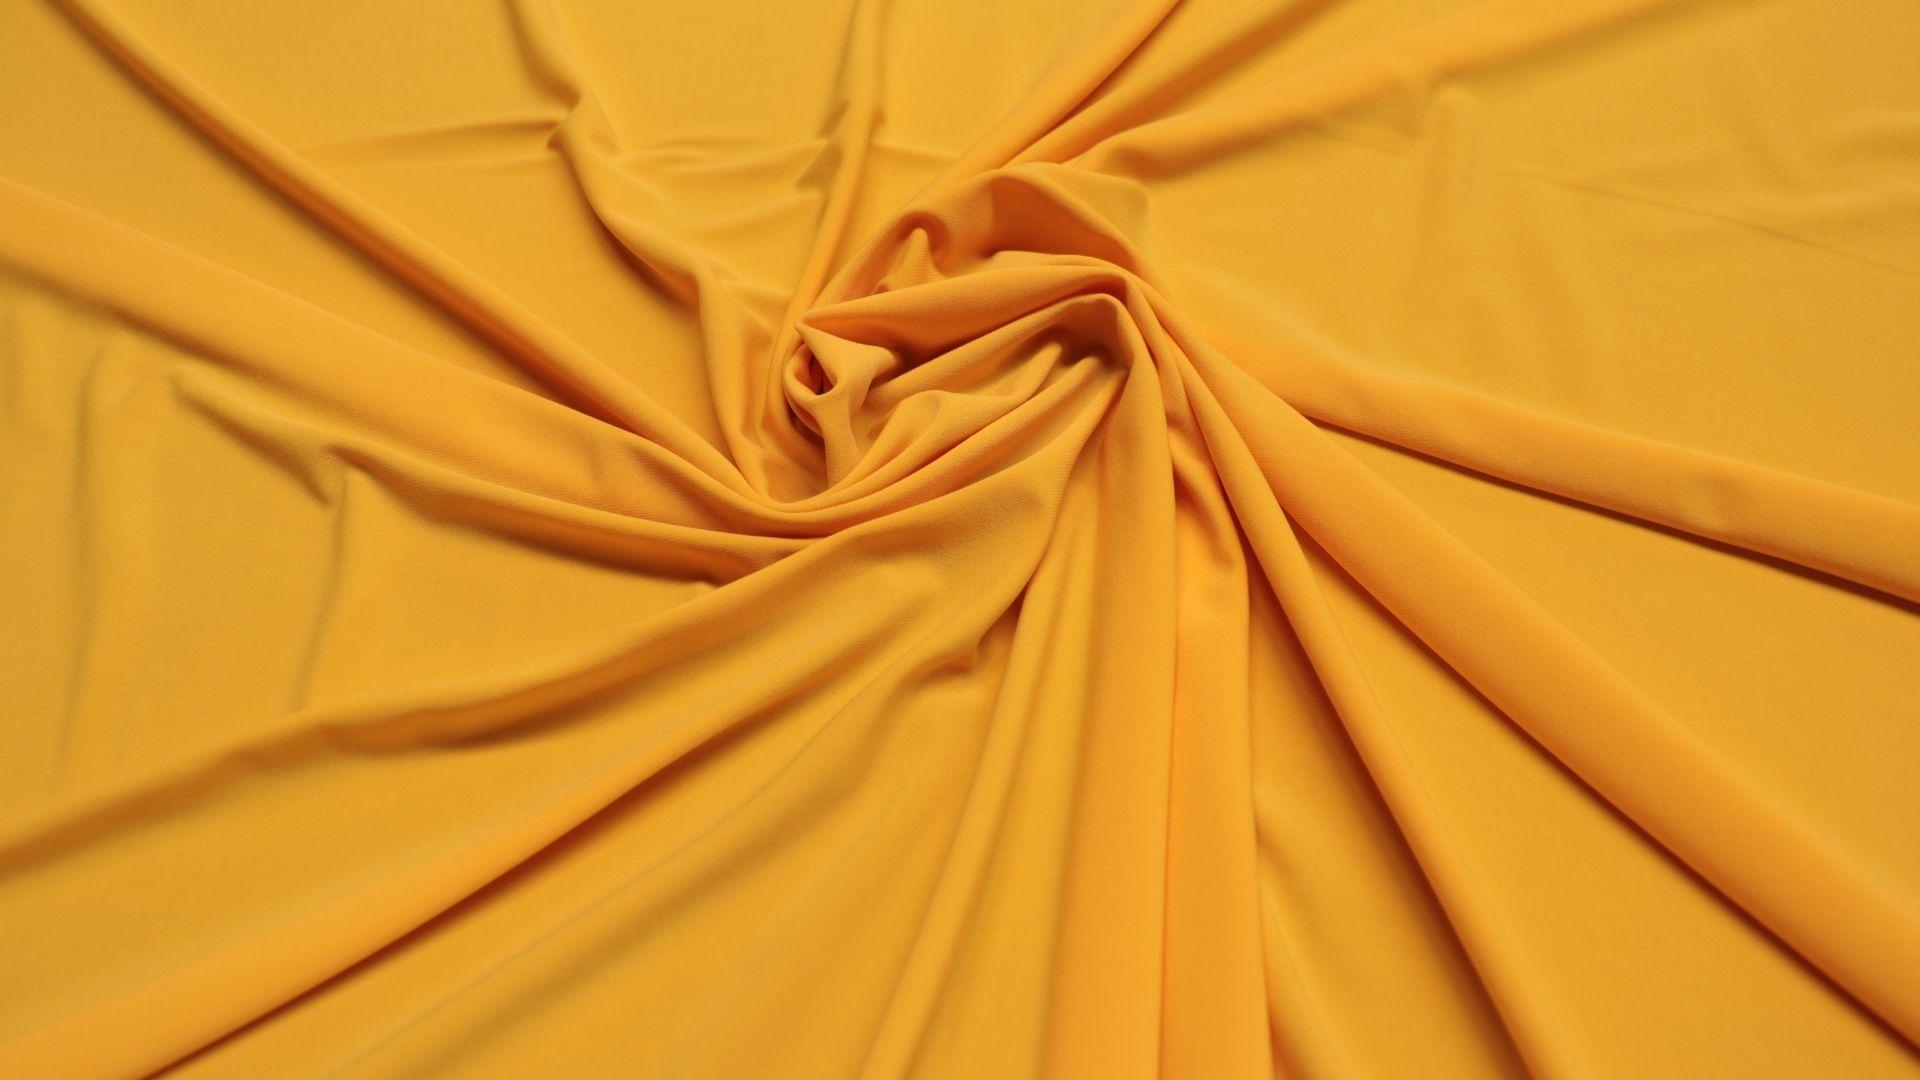 il particolare del tessuto aj5901, appartenente alla categoria uniti jersey, di Leadford & Logan